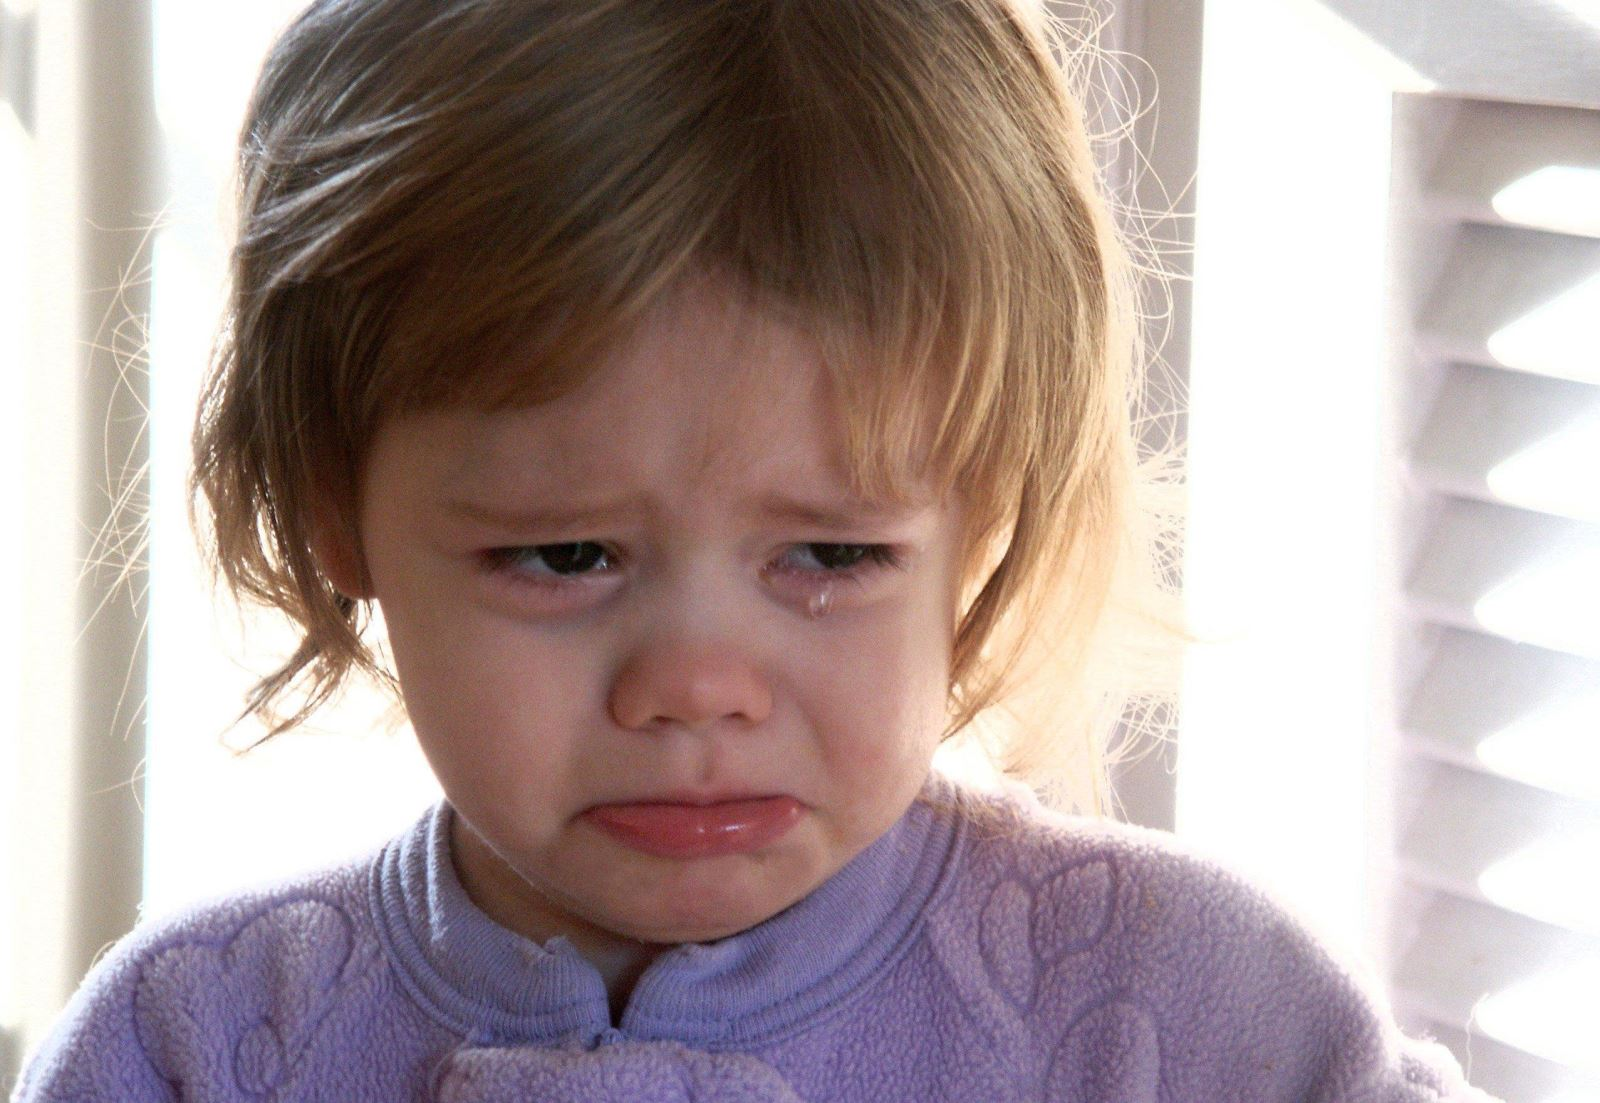 8 خطوات حتى لاتفقدى أعصابك نتيجة لبكاء طفلك المتواصل